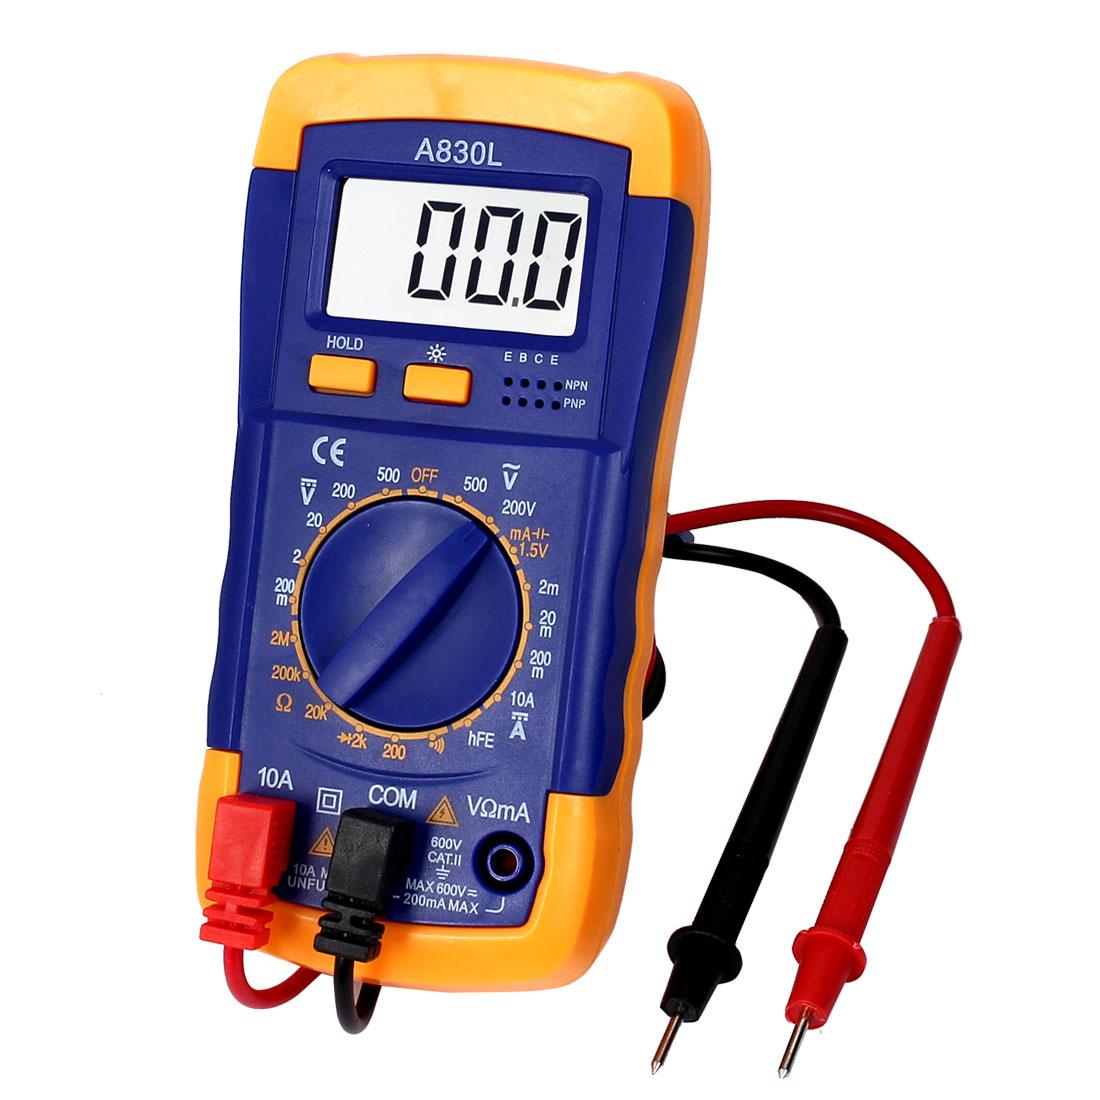 A830L Digital LCD Multimeter AC DC Voltmeter Ammeter Ohmmeter Tester